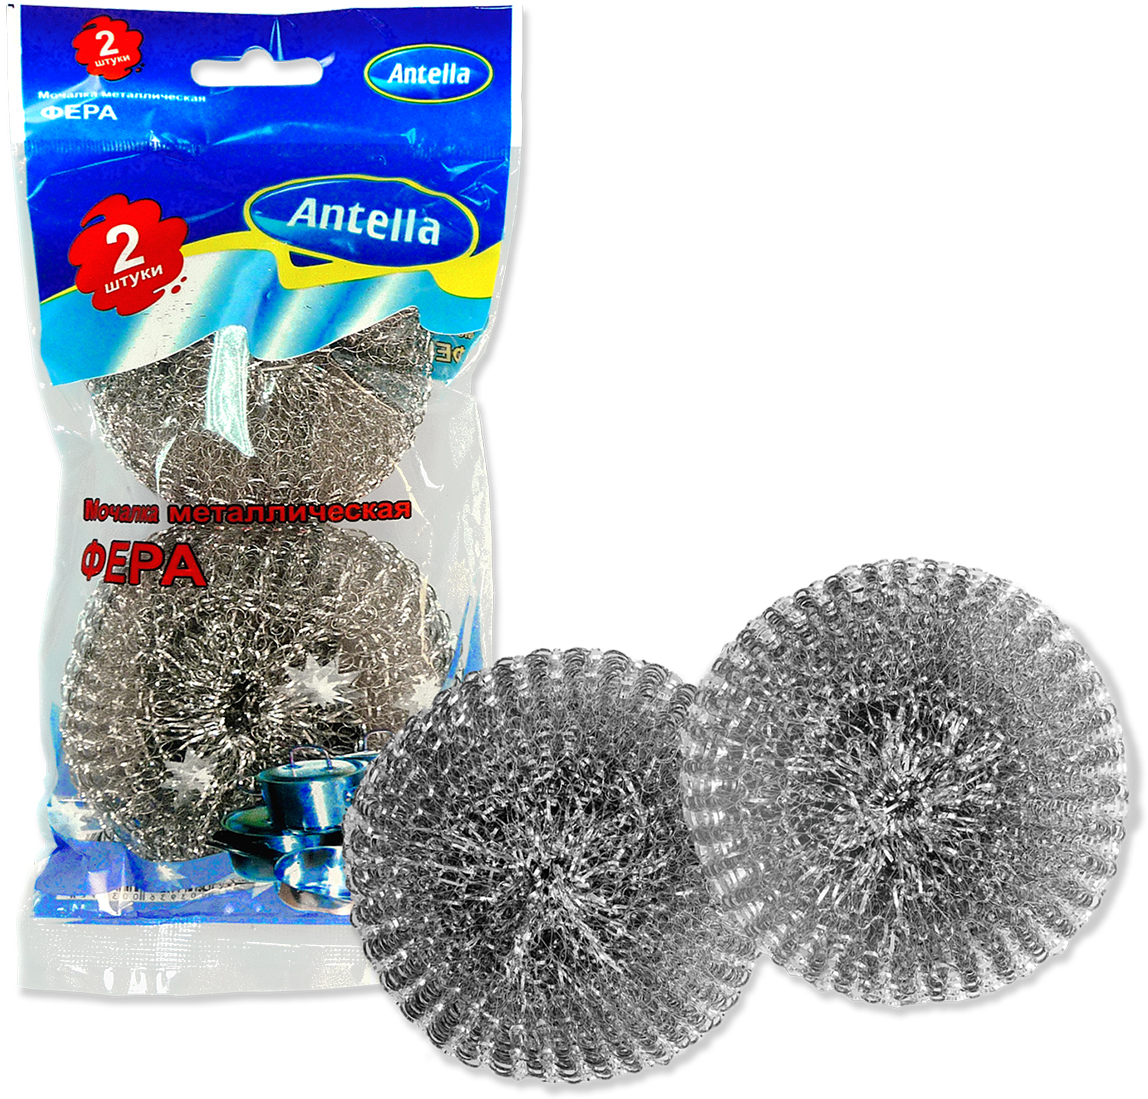 Губка металлическая Antella Фера, 2 шт губка для мытья посуды фозет мини соты 2 шт